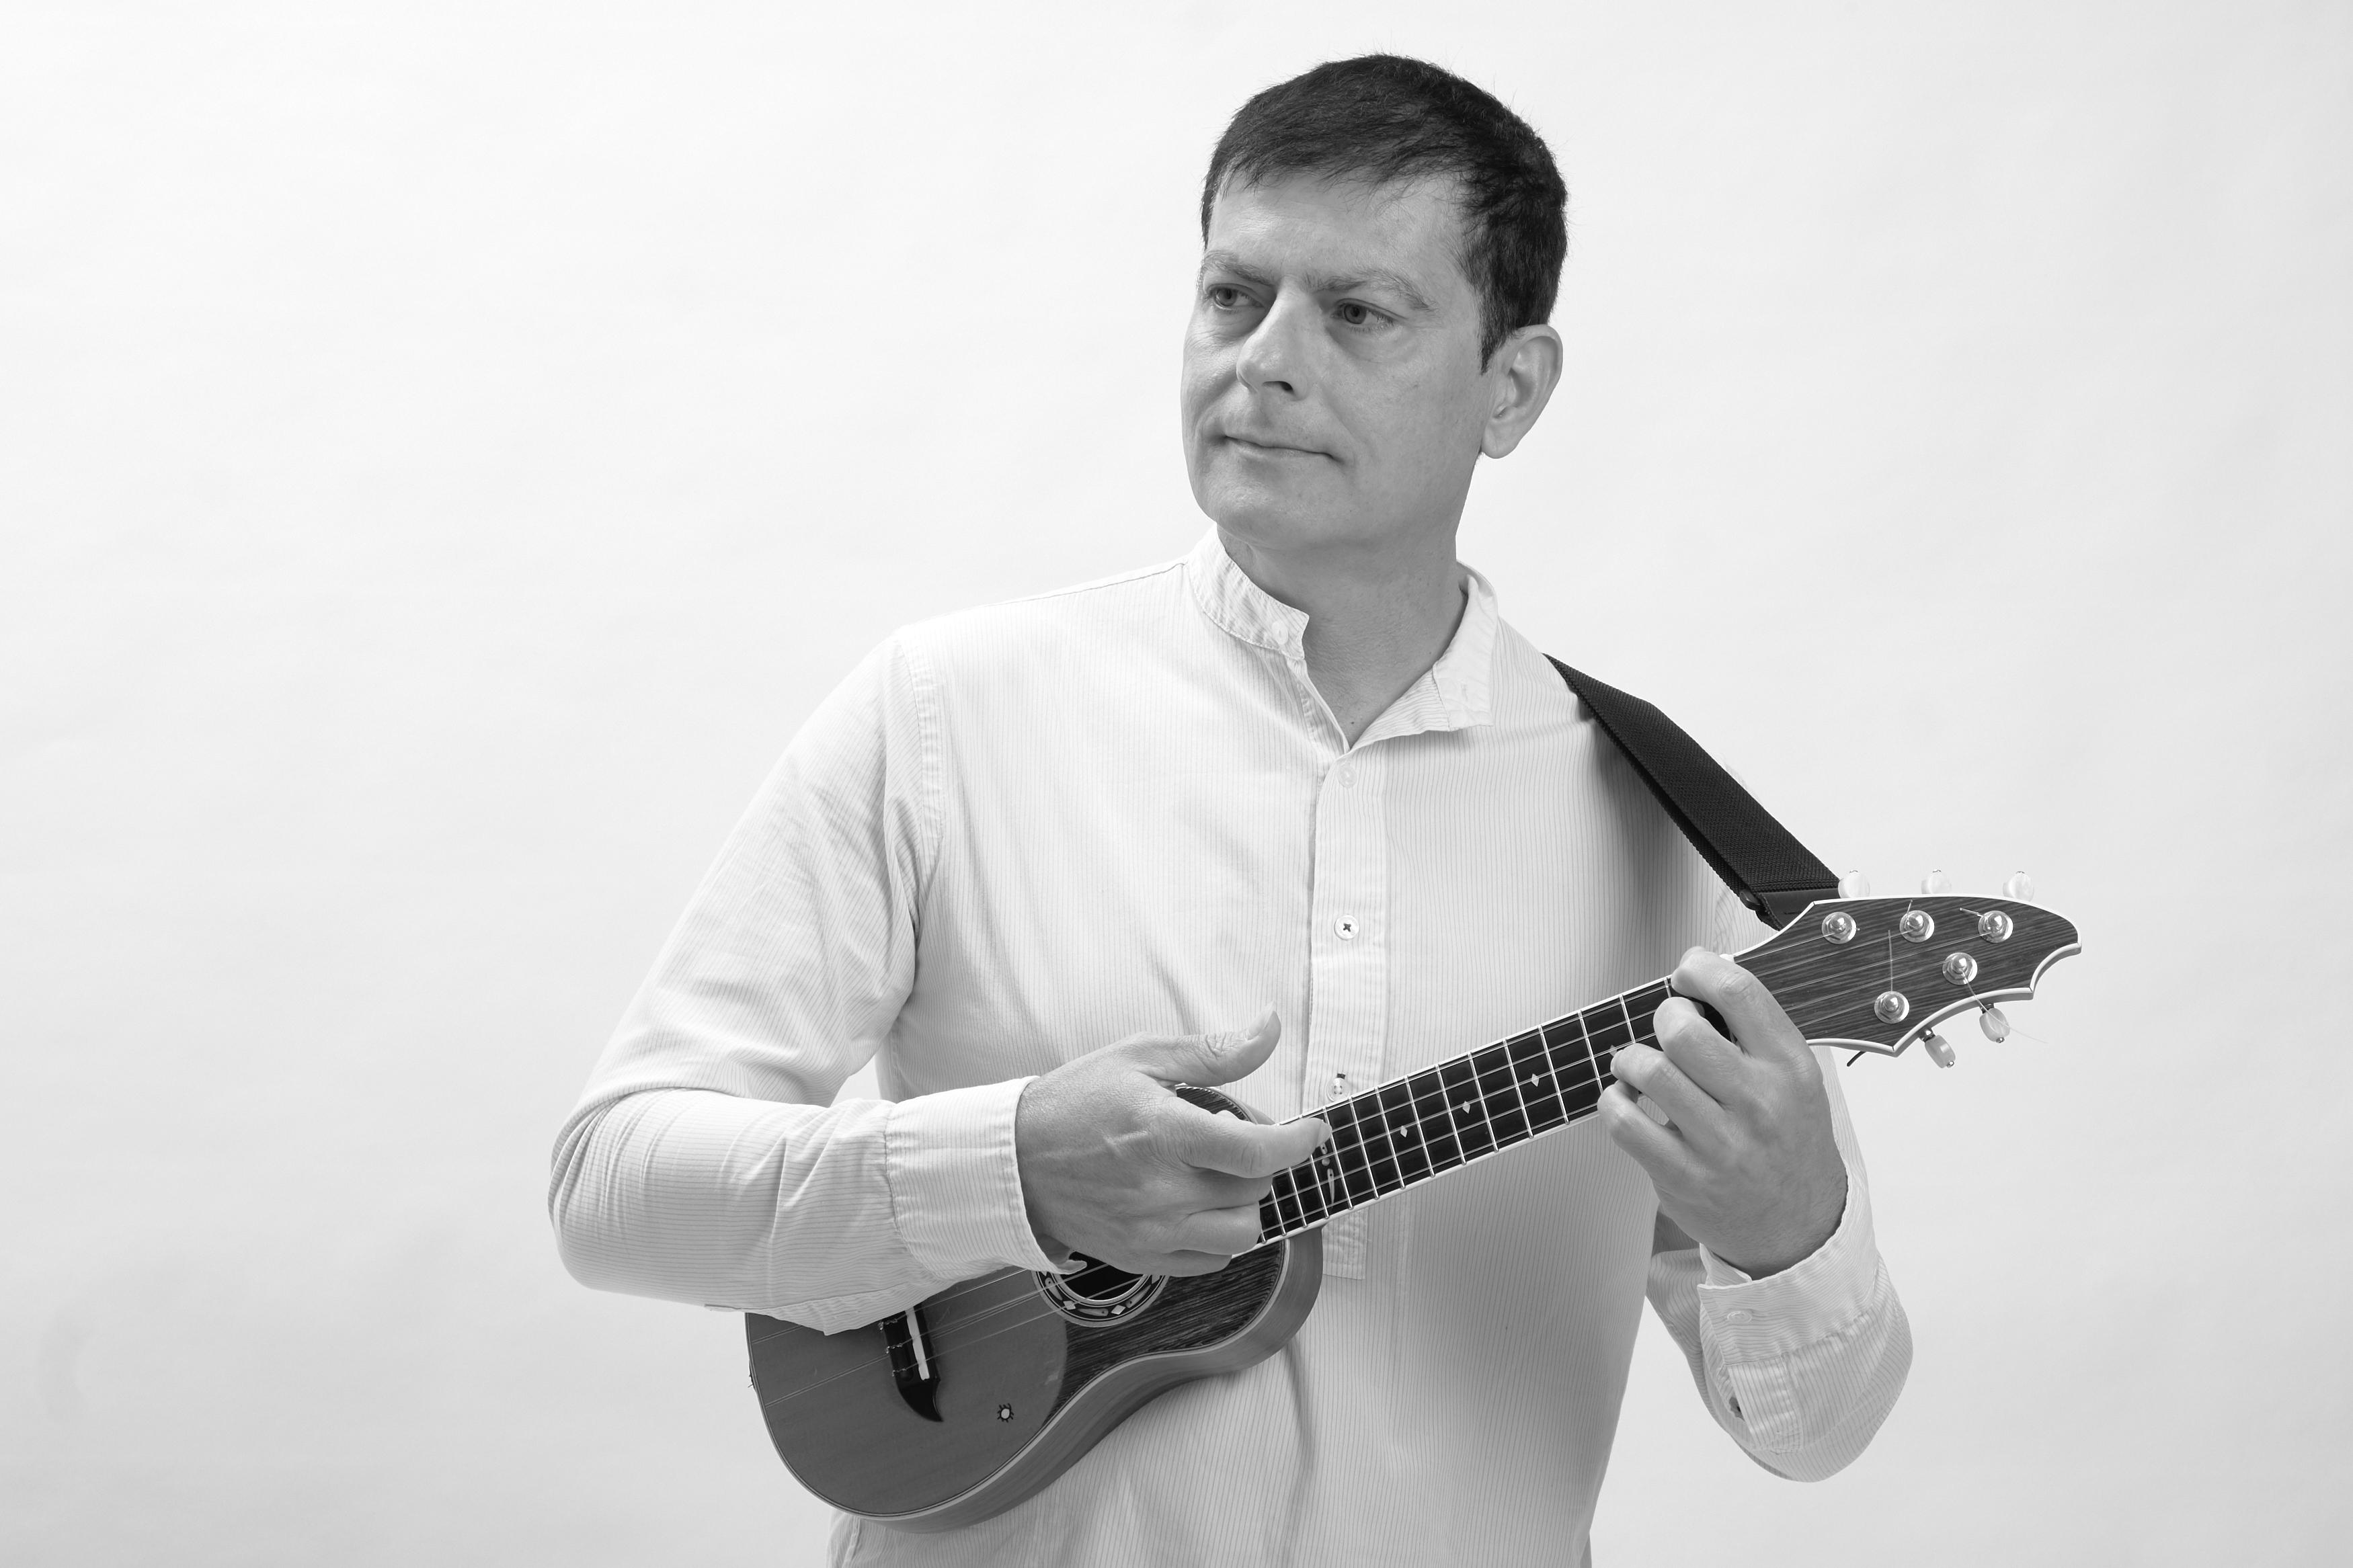 La Fundación César Manrique organiza un Diálogo Musical protagonizado por Benito Cabrera y Jep Meléndez, en el marco del Centenario del artista